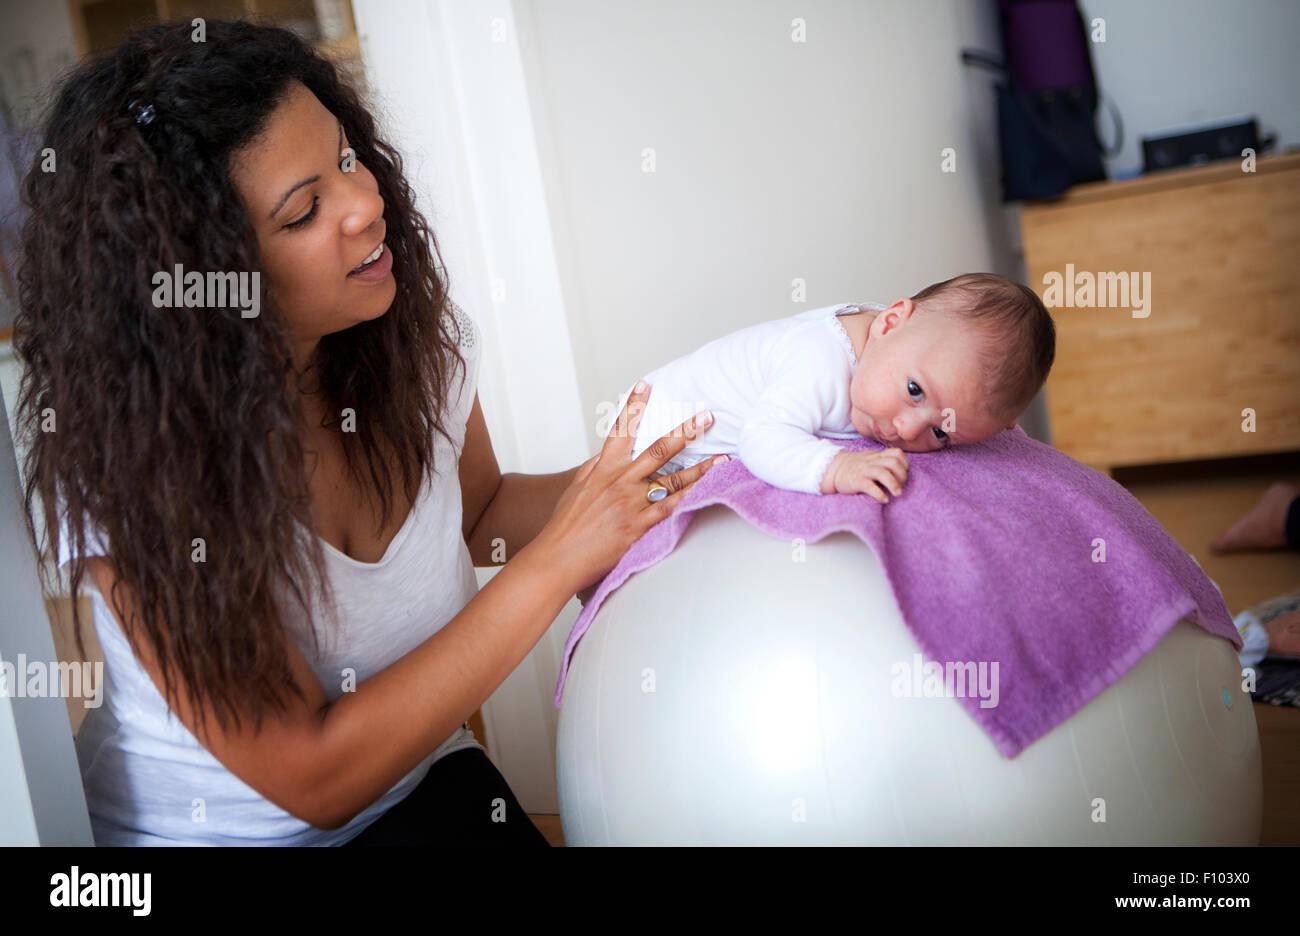 Recibiendo el masaje infantil Imagen De Stock